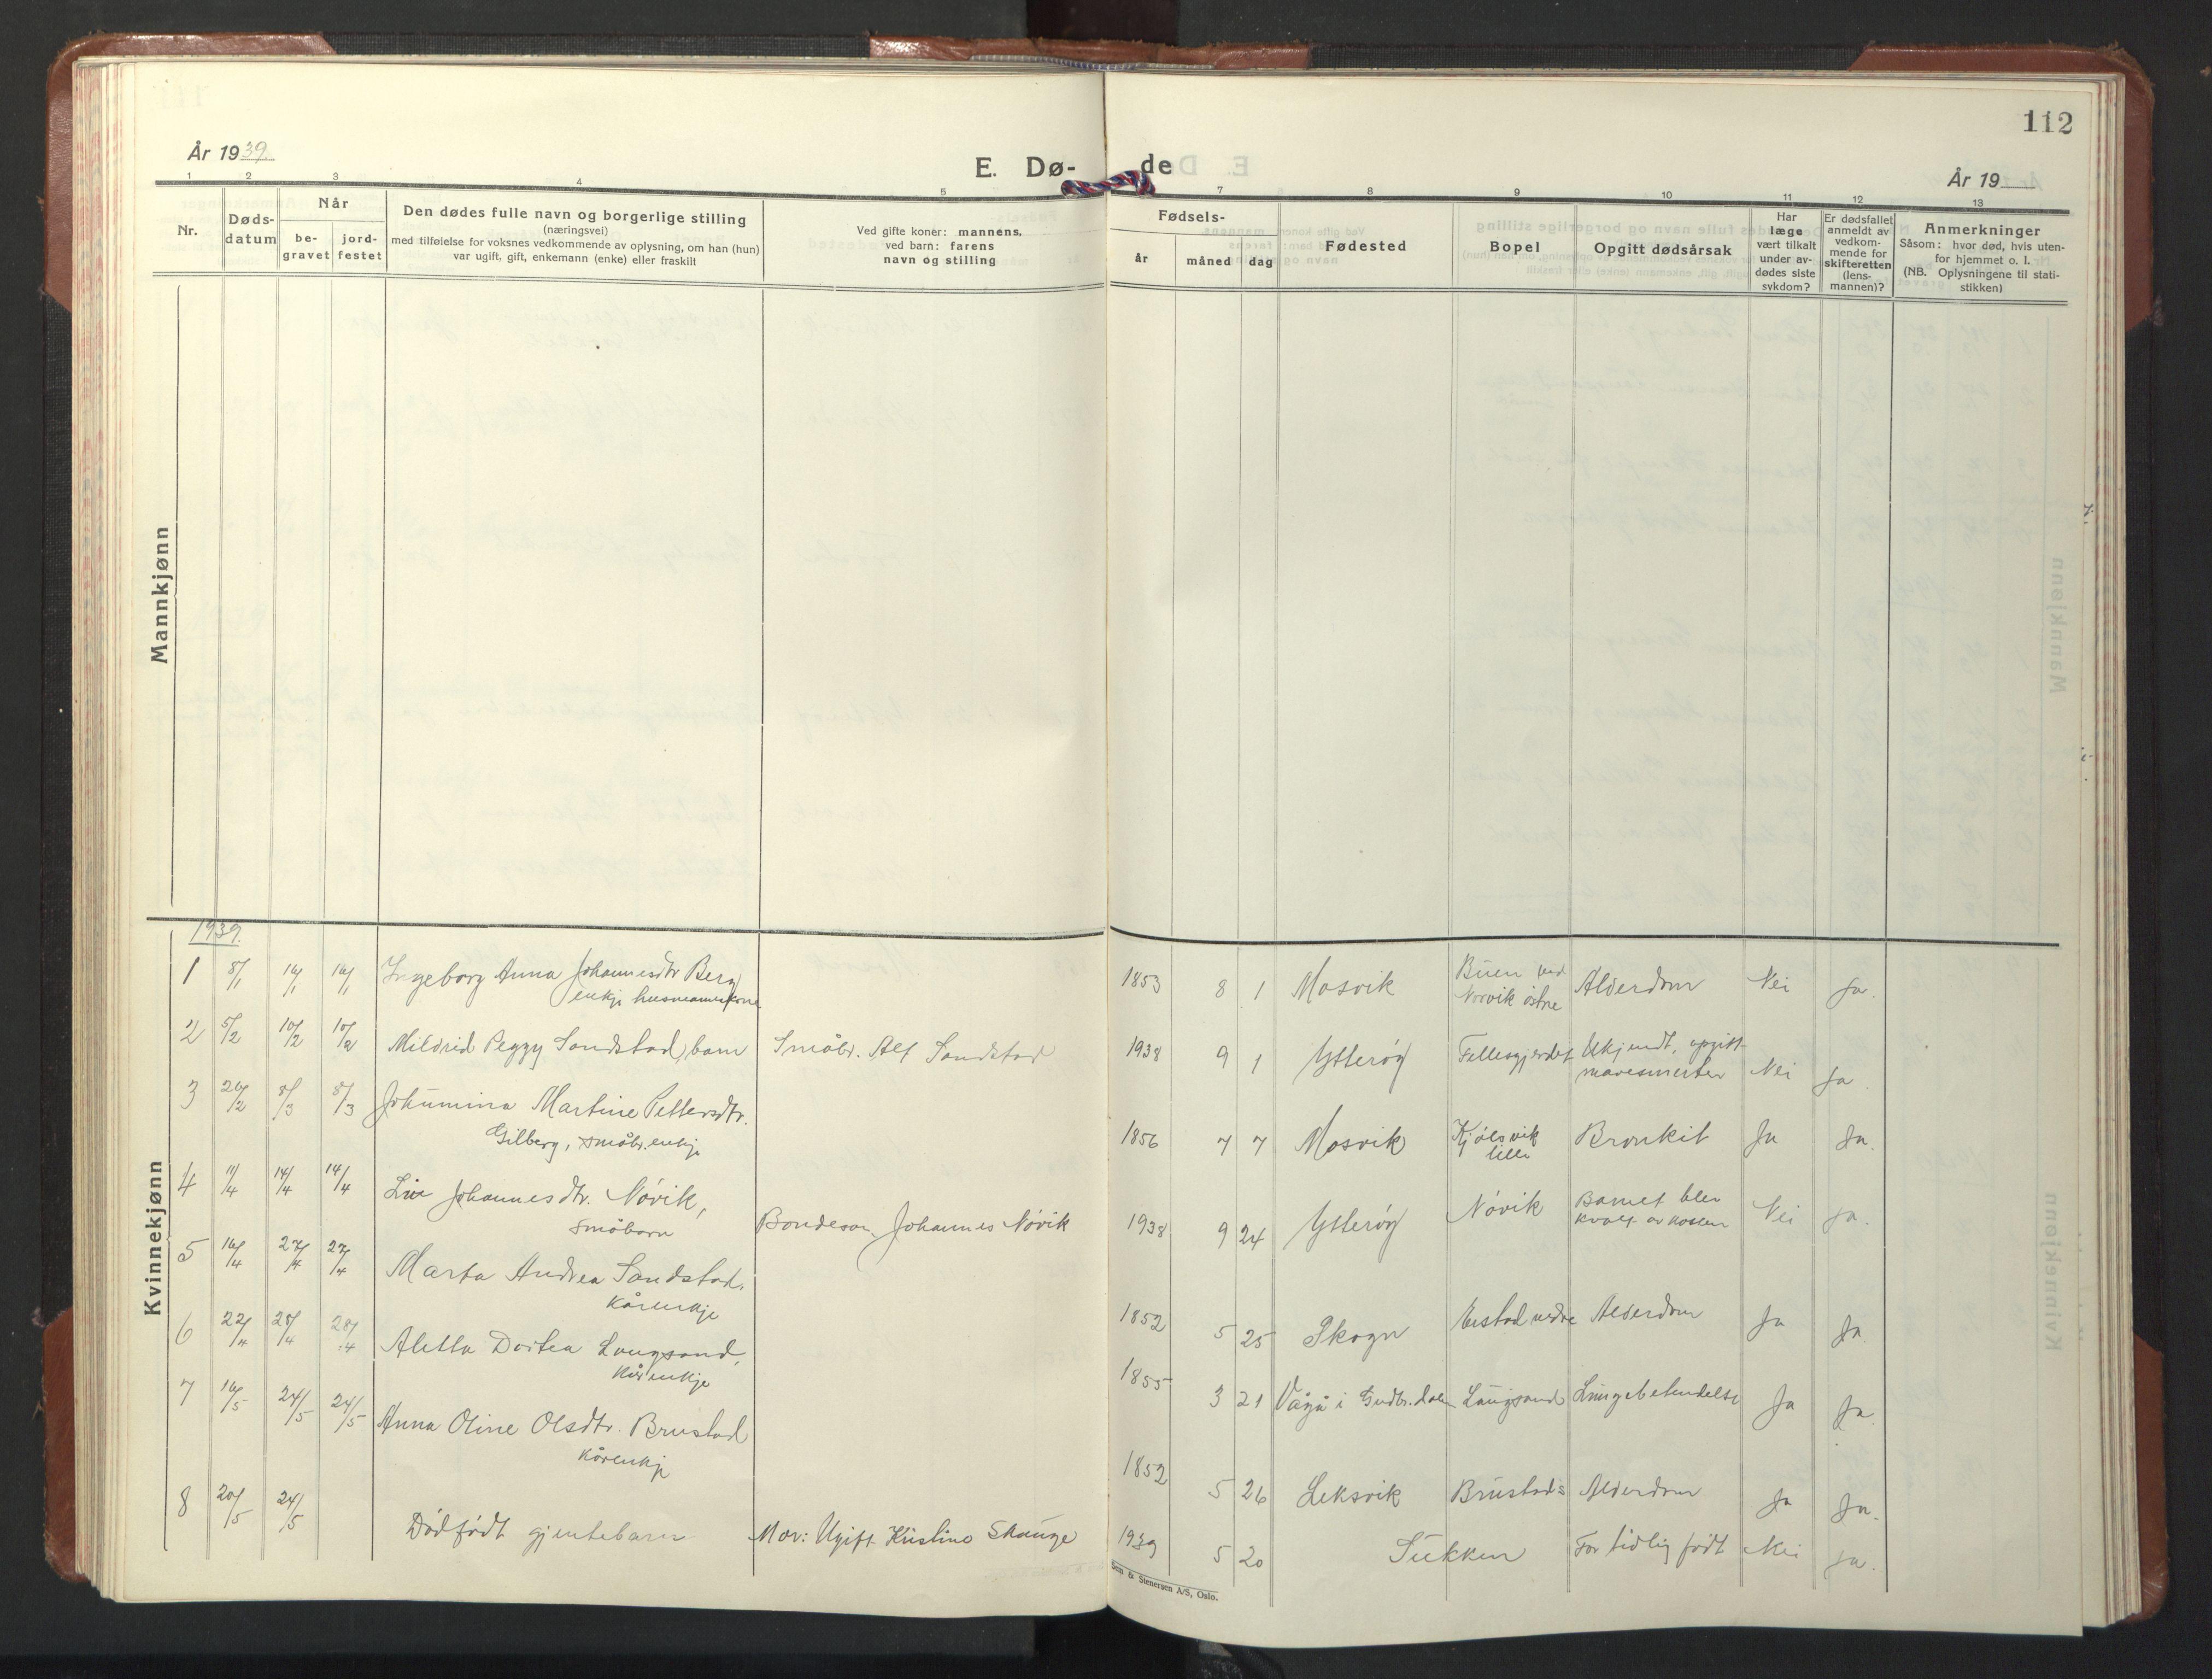 SAT, Ministerialprotokoller, klokkerbøker og fødselsregistre - Nord-Trøndelag, 722/L0227: Klokkerbok nr. 722C03, 1928-1958, s. 112